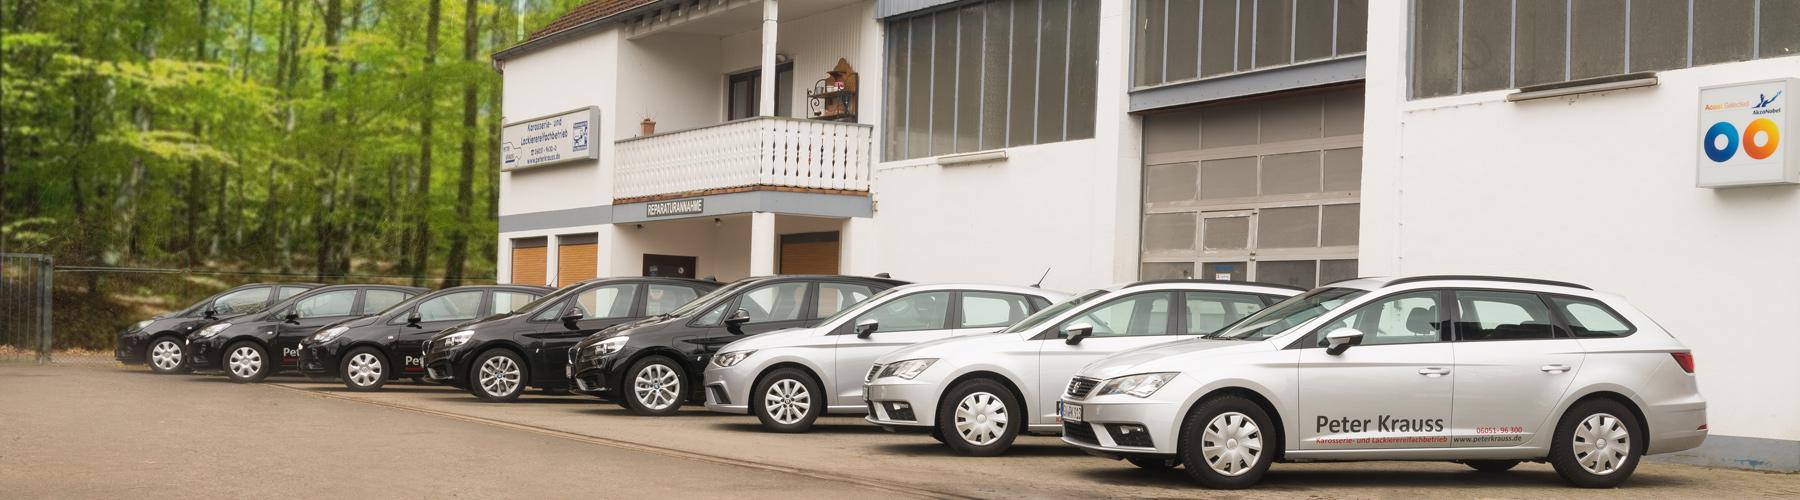 Die Peter Krauss Firmenwagen Flotte